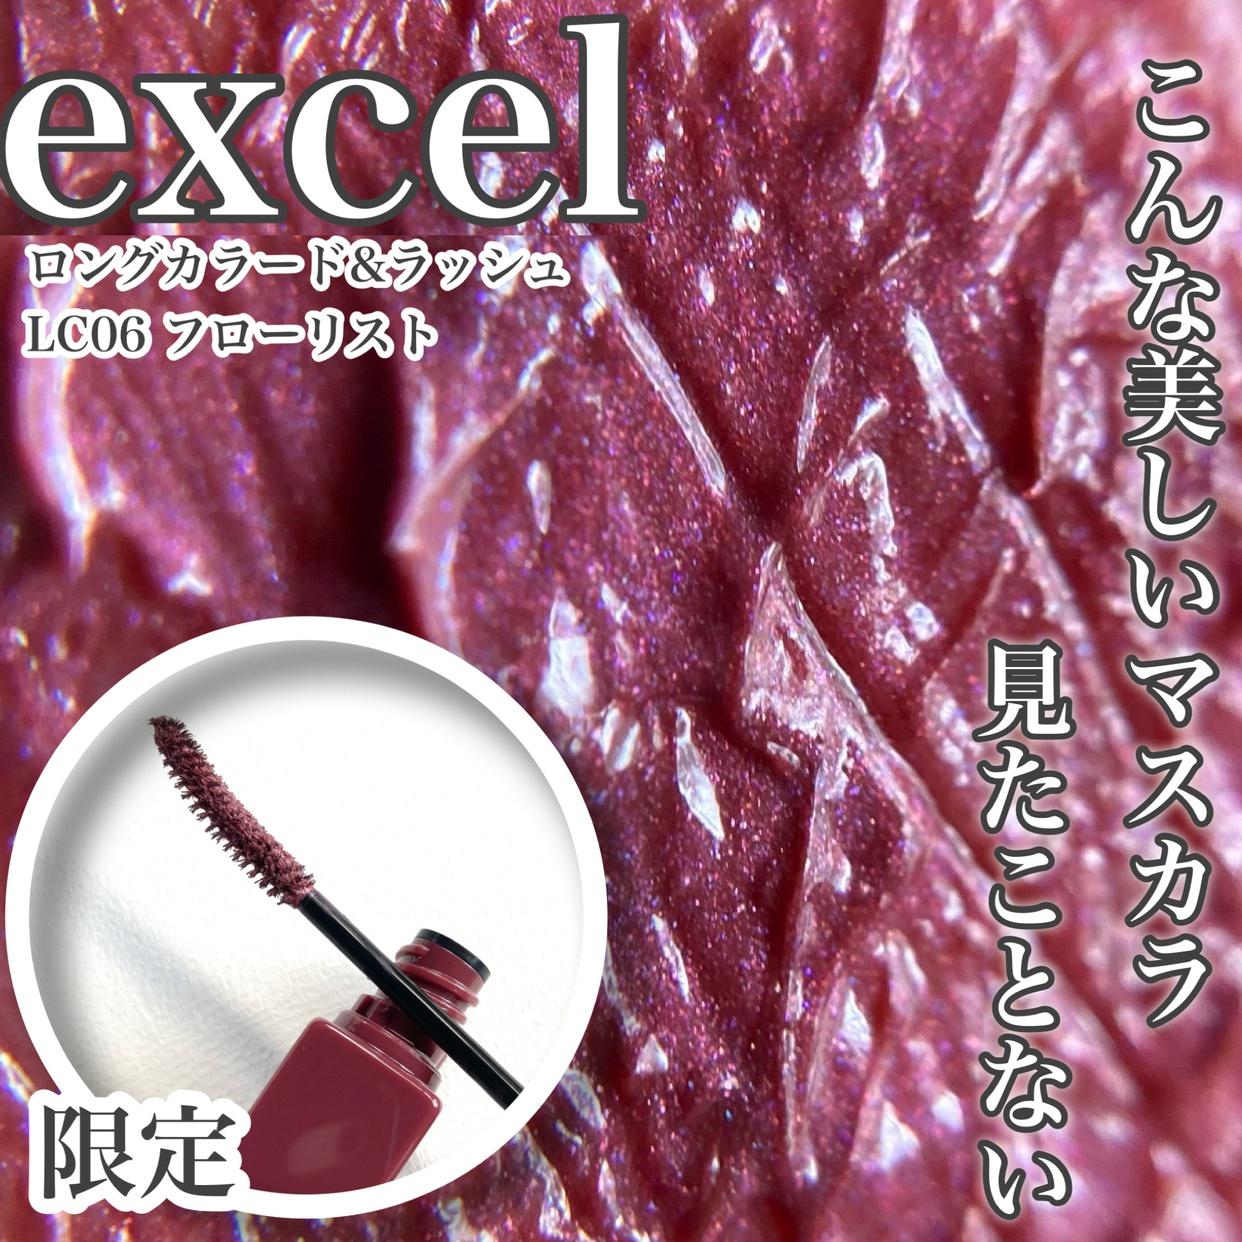 excel(エクセル) ロング&カラードラッシュを使った☆ふくすけ☆さんのクチコミ画像